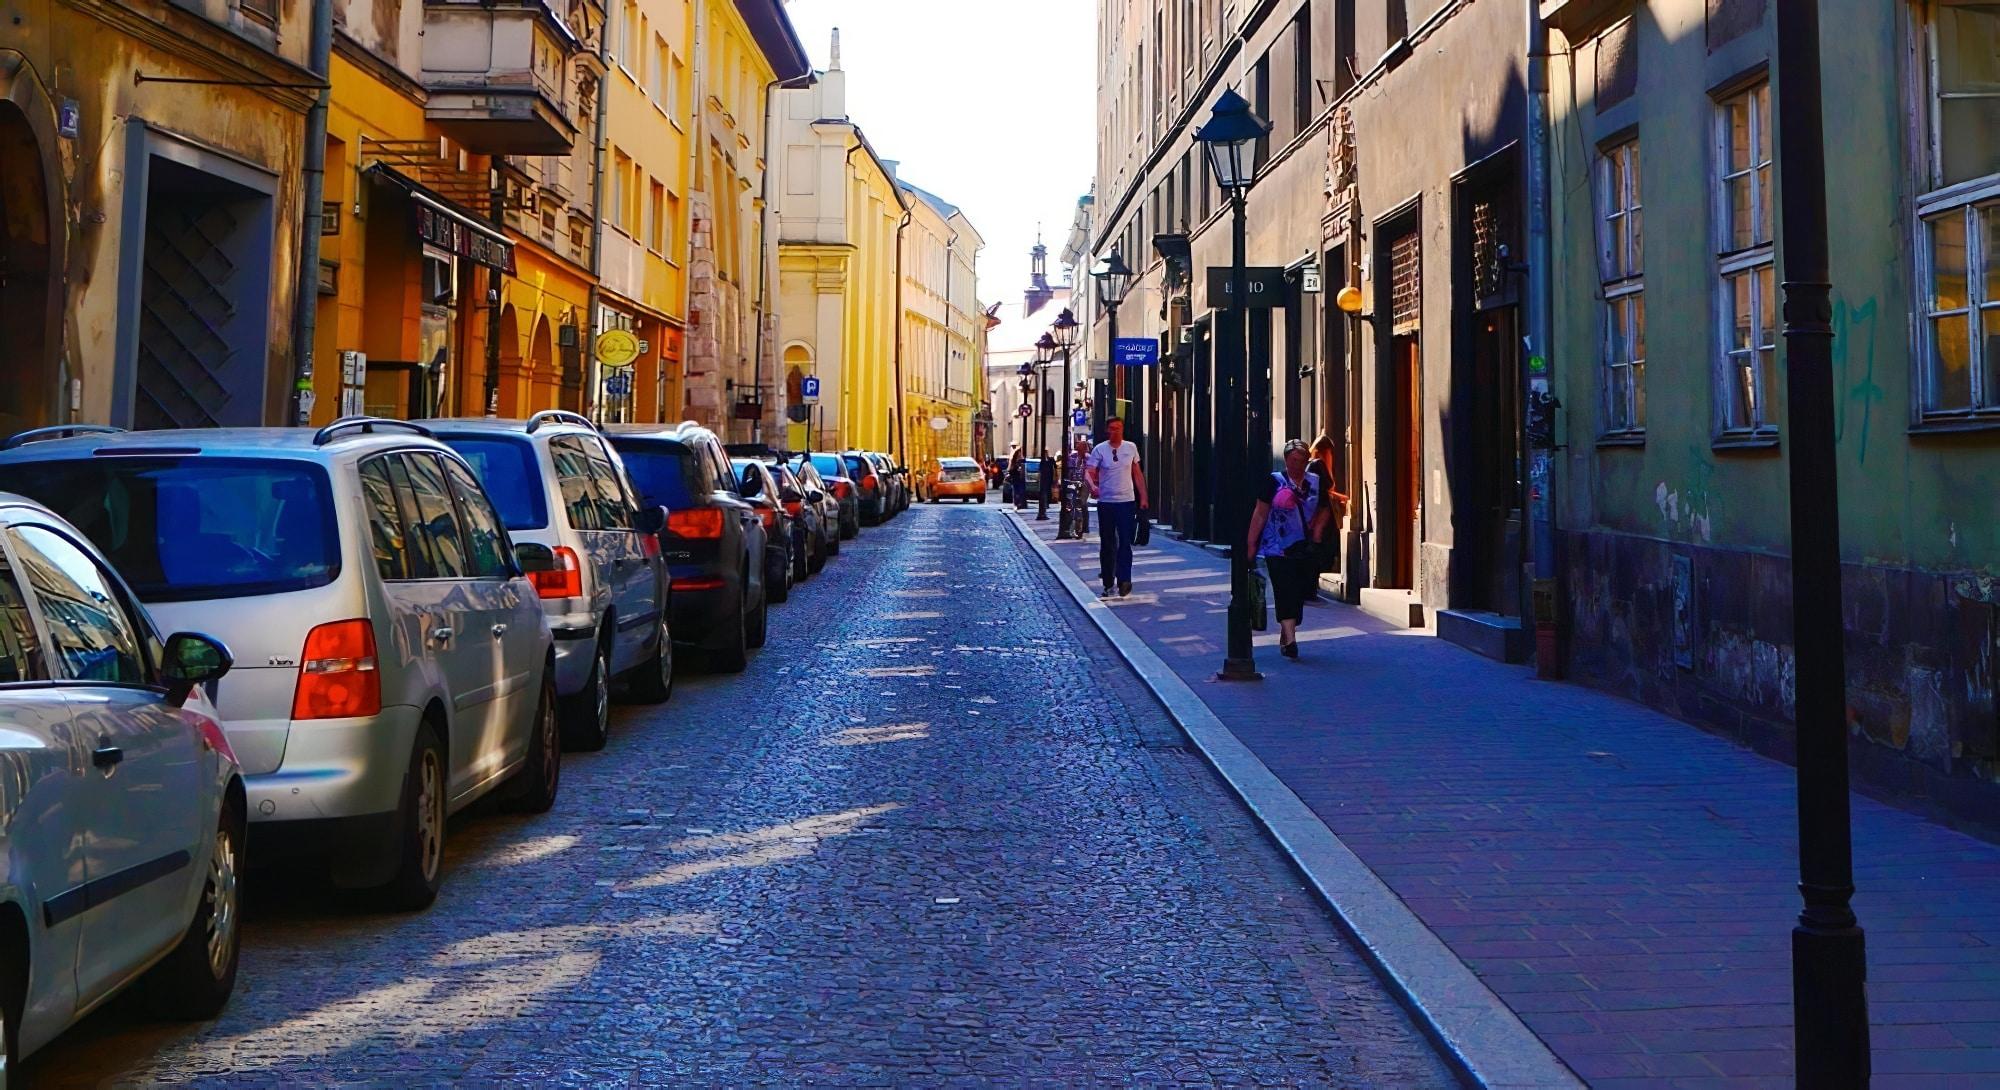 Location de voiture à Cracovie